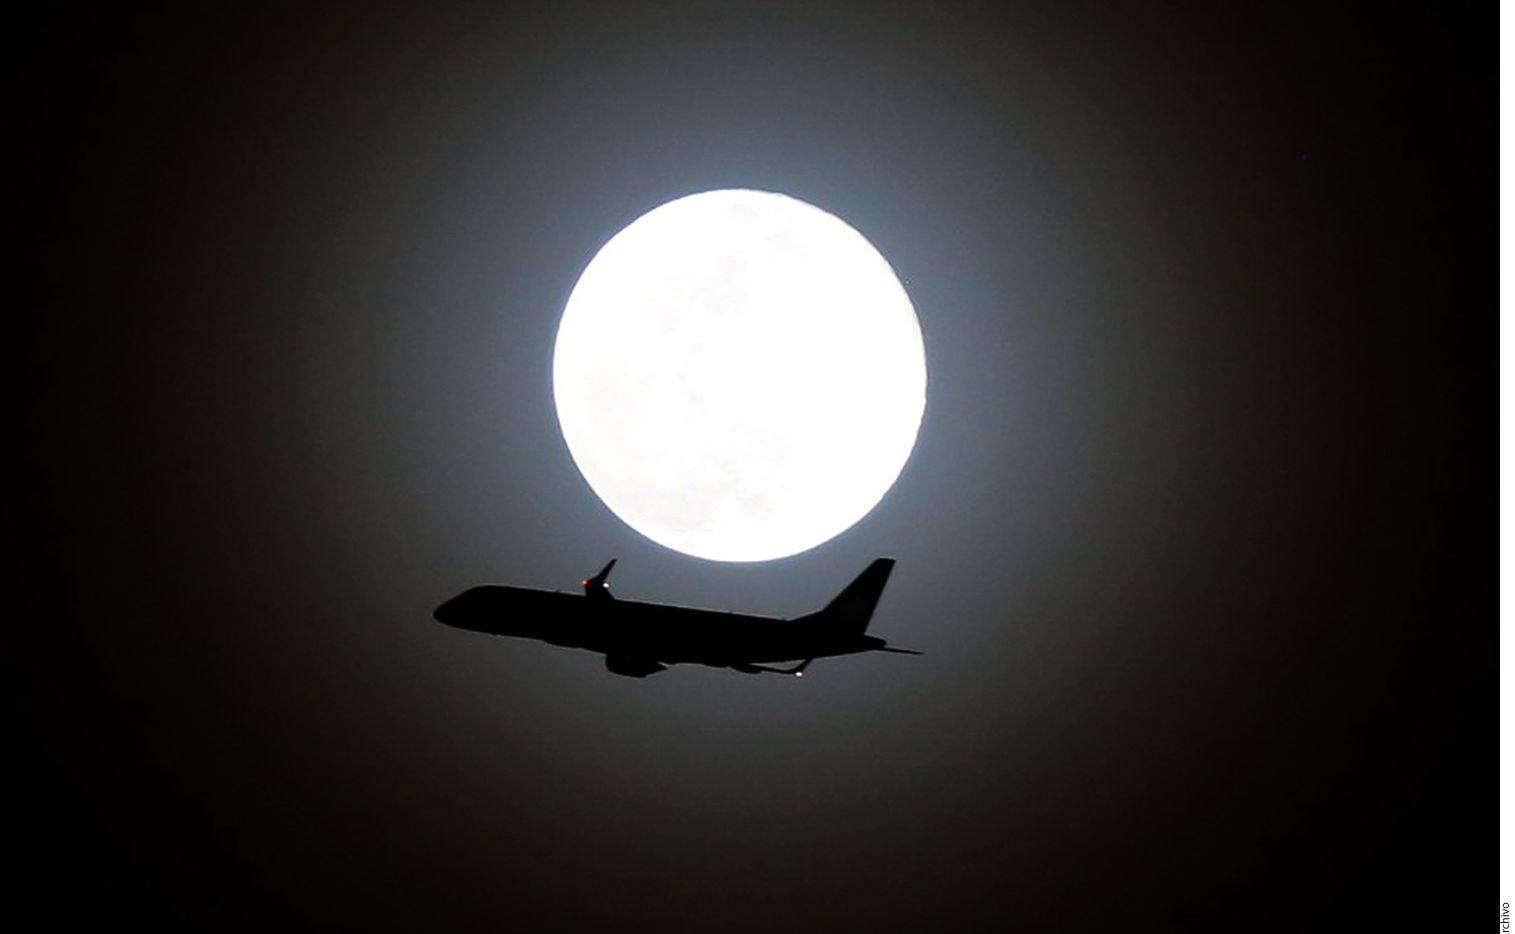 La agencia ApoteoSurprise, especializada en la organización de propuestas de matrimonio extravagantes, lanza el servicio de volar sobre la superficie lunar por 145 millones de dólares; los príncipes azules del siglo 21 podrán pedir la mano de su amada mientras vuelan alrededor de la Luna. (AGENCIA REFORMA)